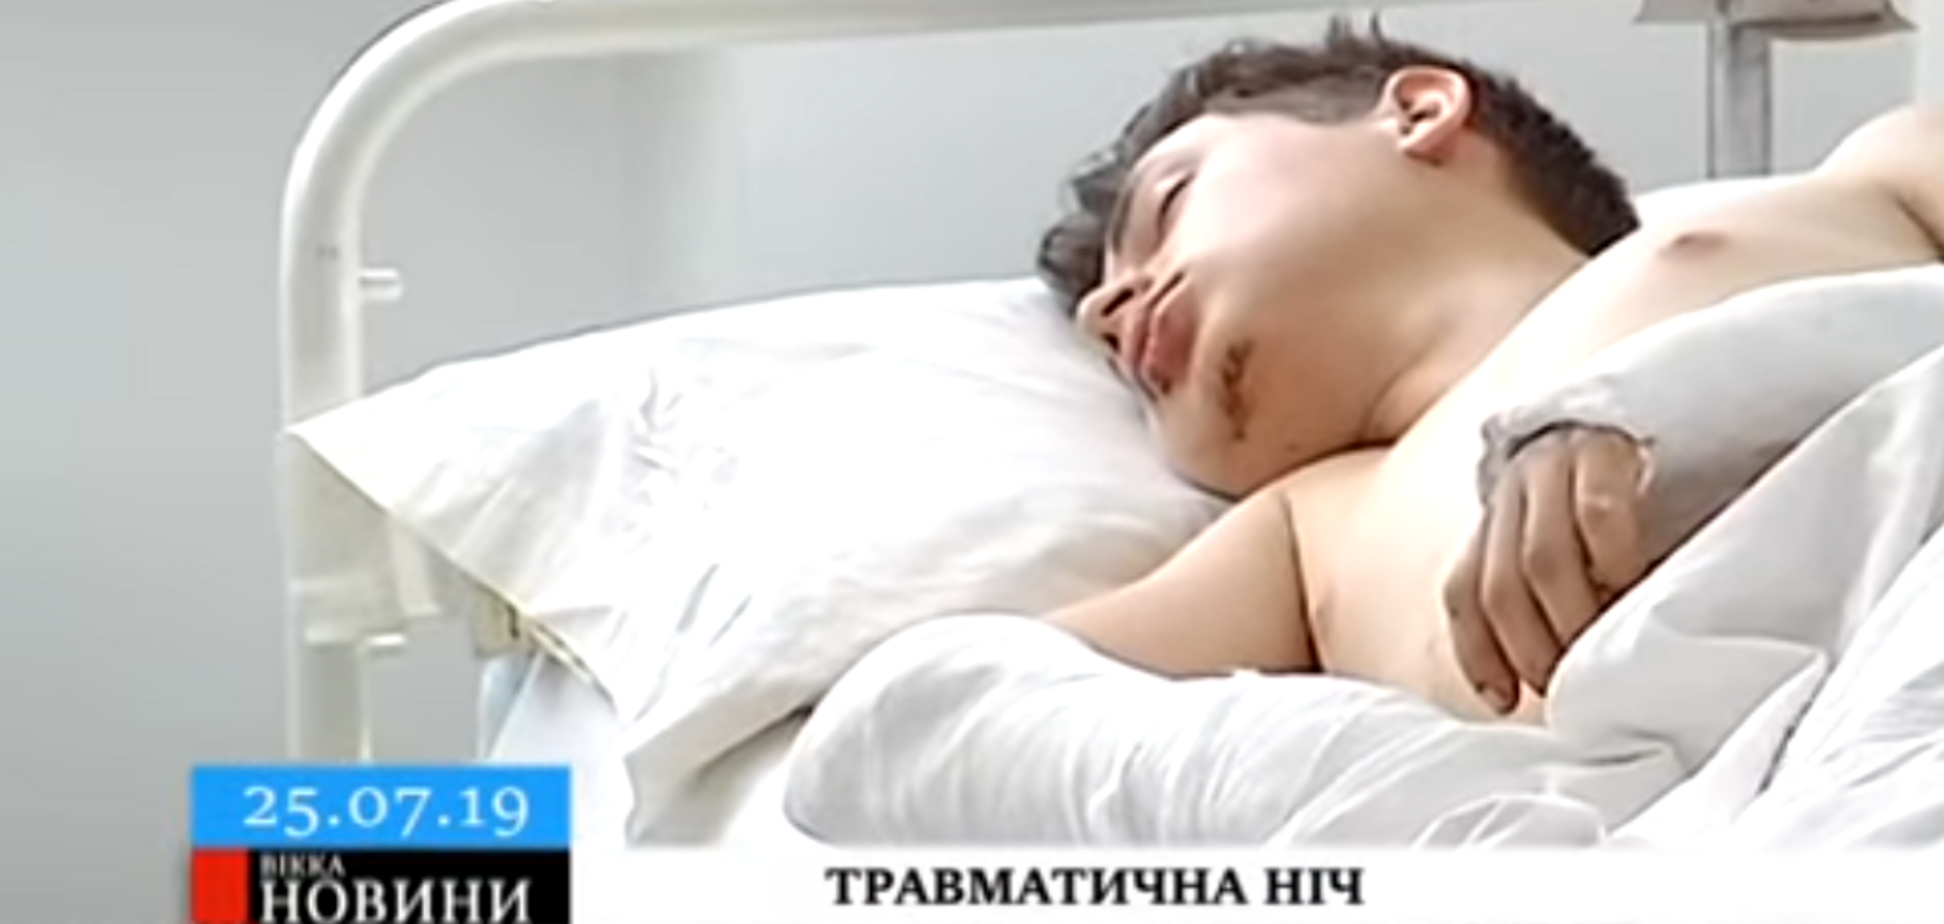 'Провожал девушку домой': на Черкасщине жестоко избили 17-летнего парня, он в тяжелом состоянии